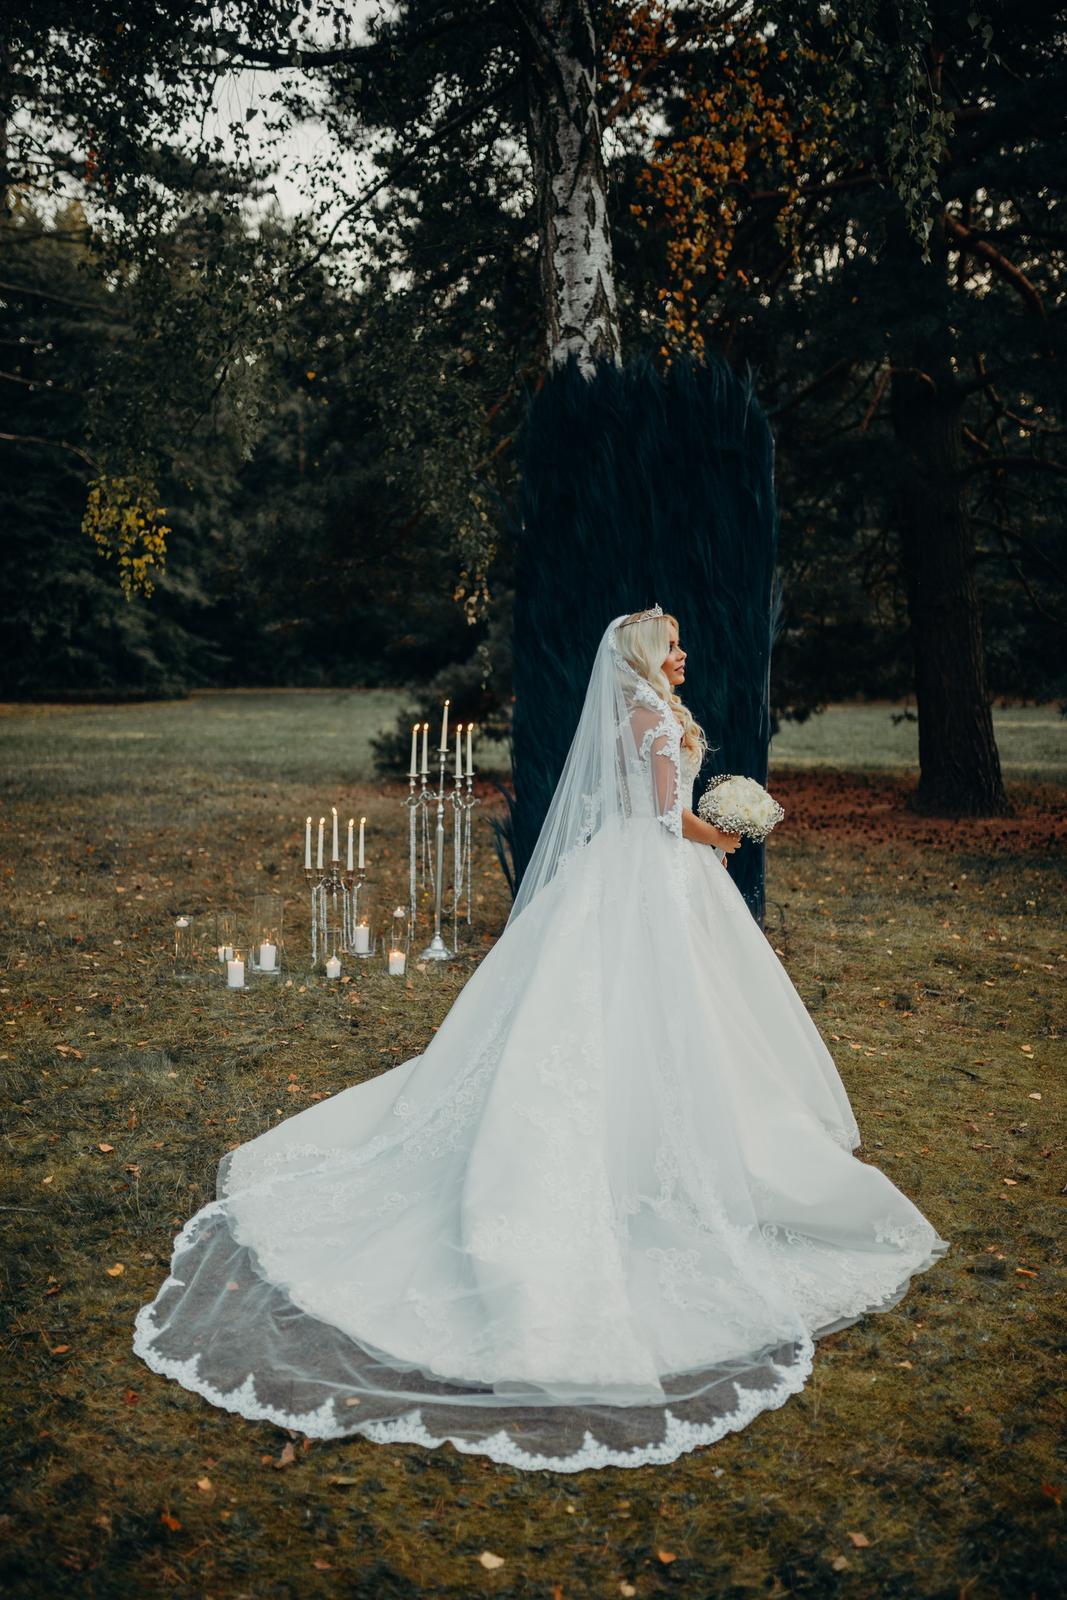 Svadobné šaty s vlečkou a dlhým závojom - Obrázok č. 1